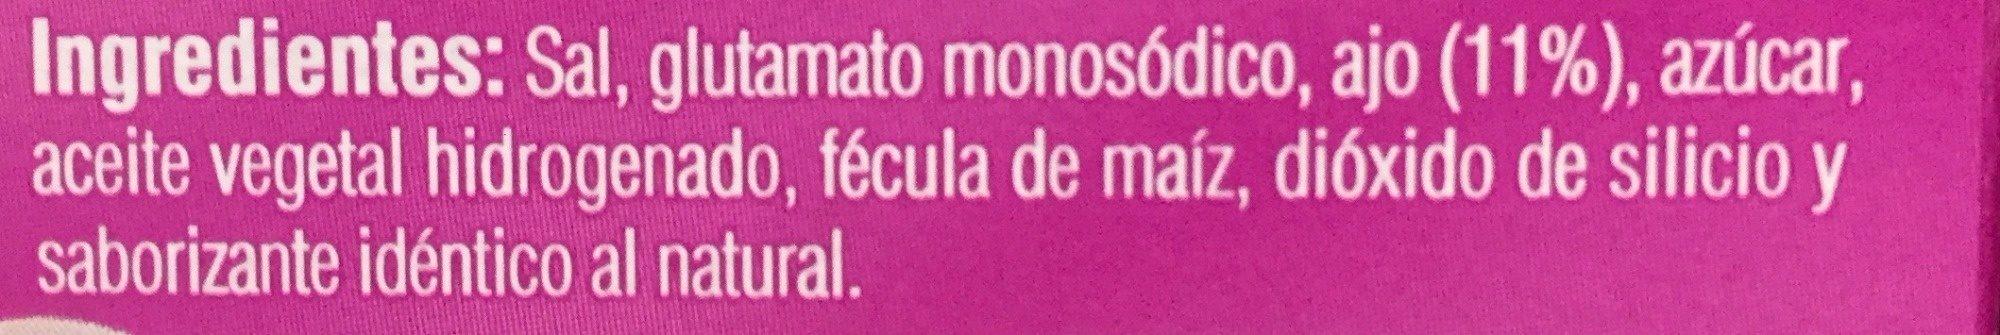 MINI CUBOS AJO - Ingredients - es